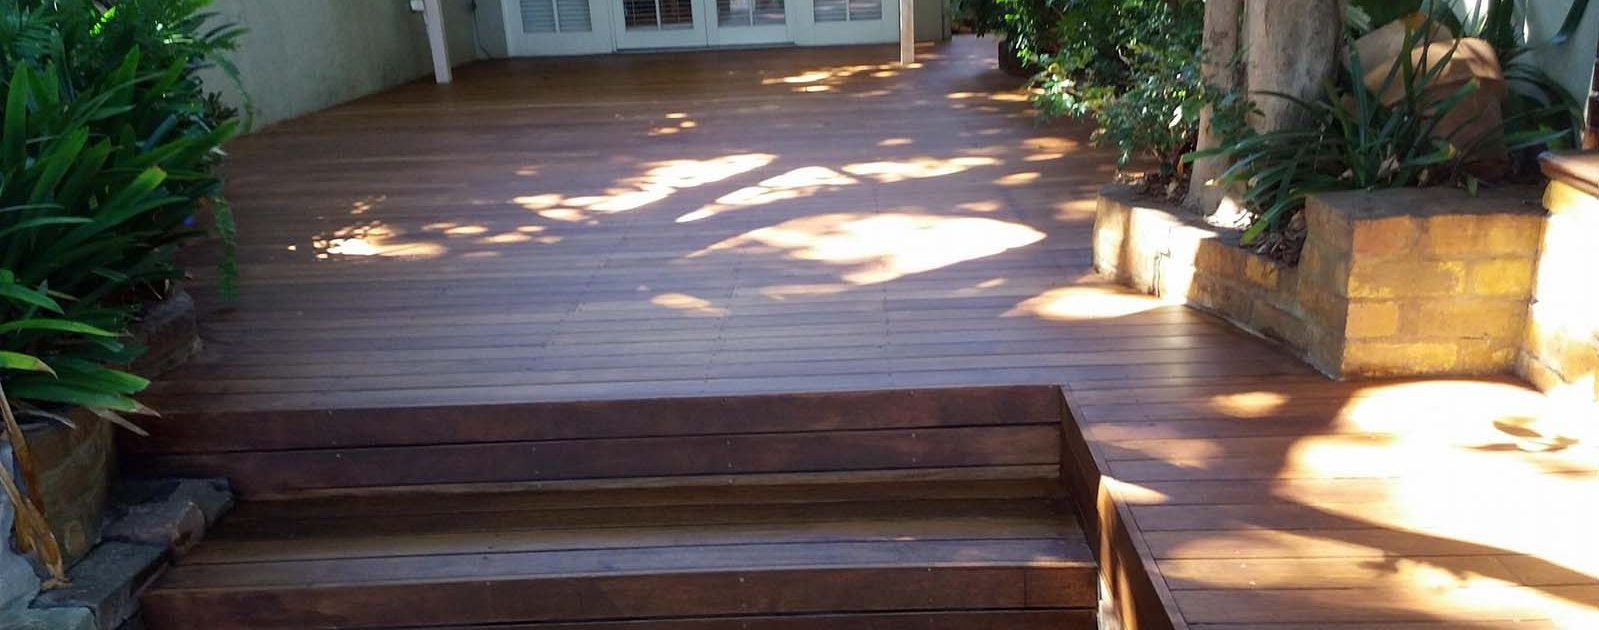 outdoor-deck-floor-sanding-sydney